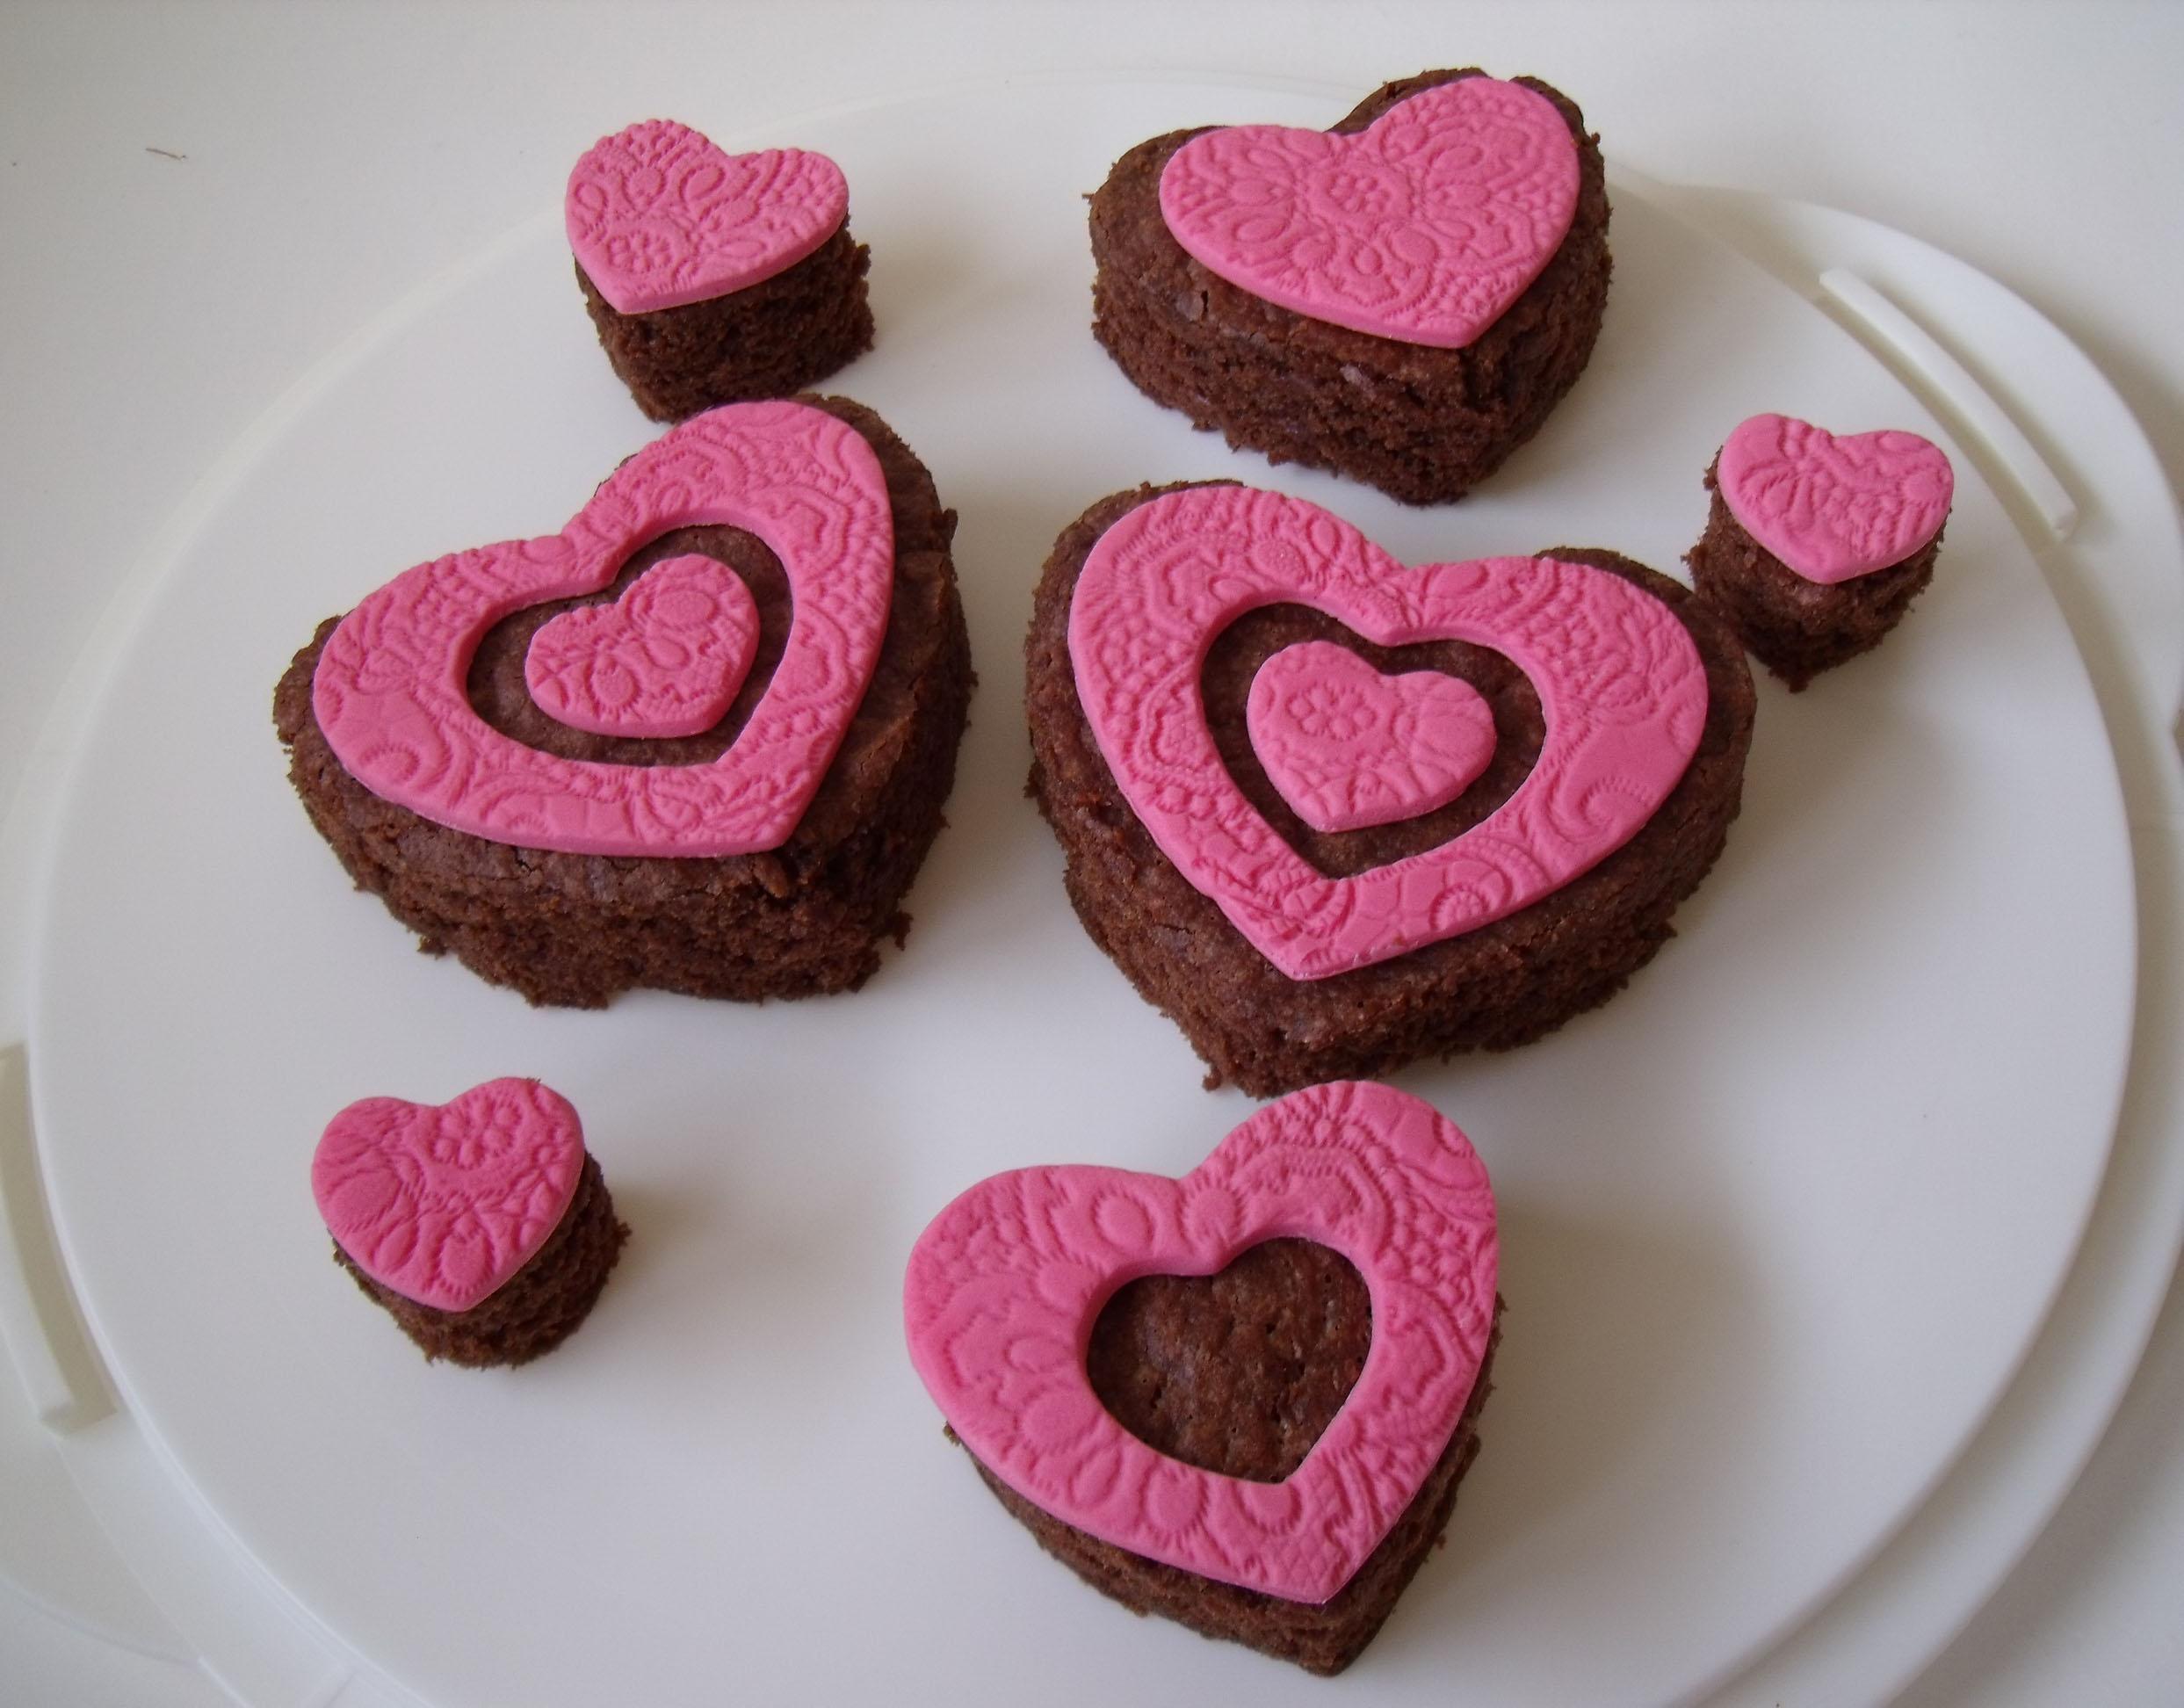 schaal met browniehartjes met roze fondant